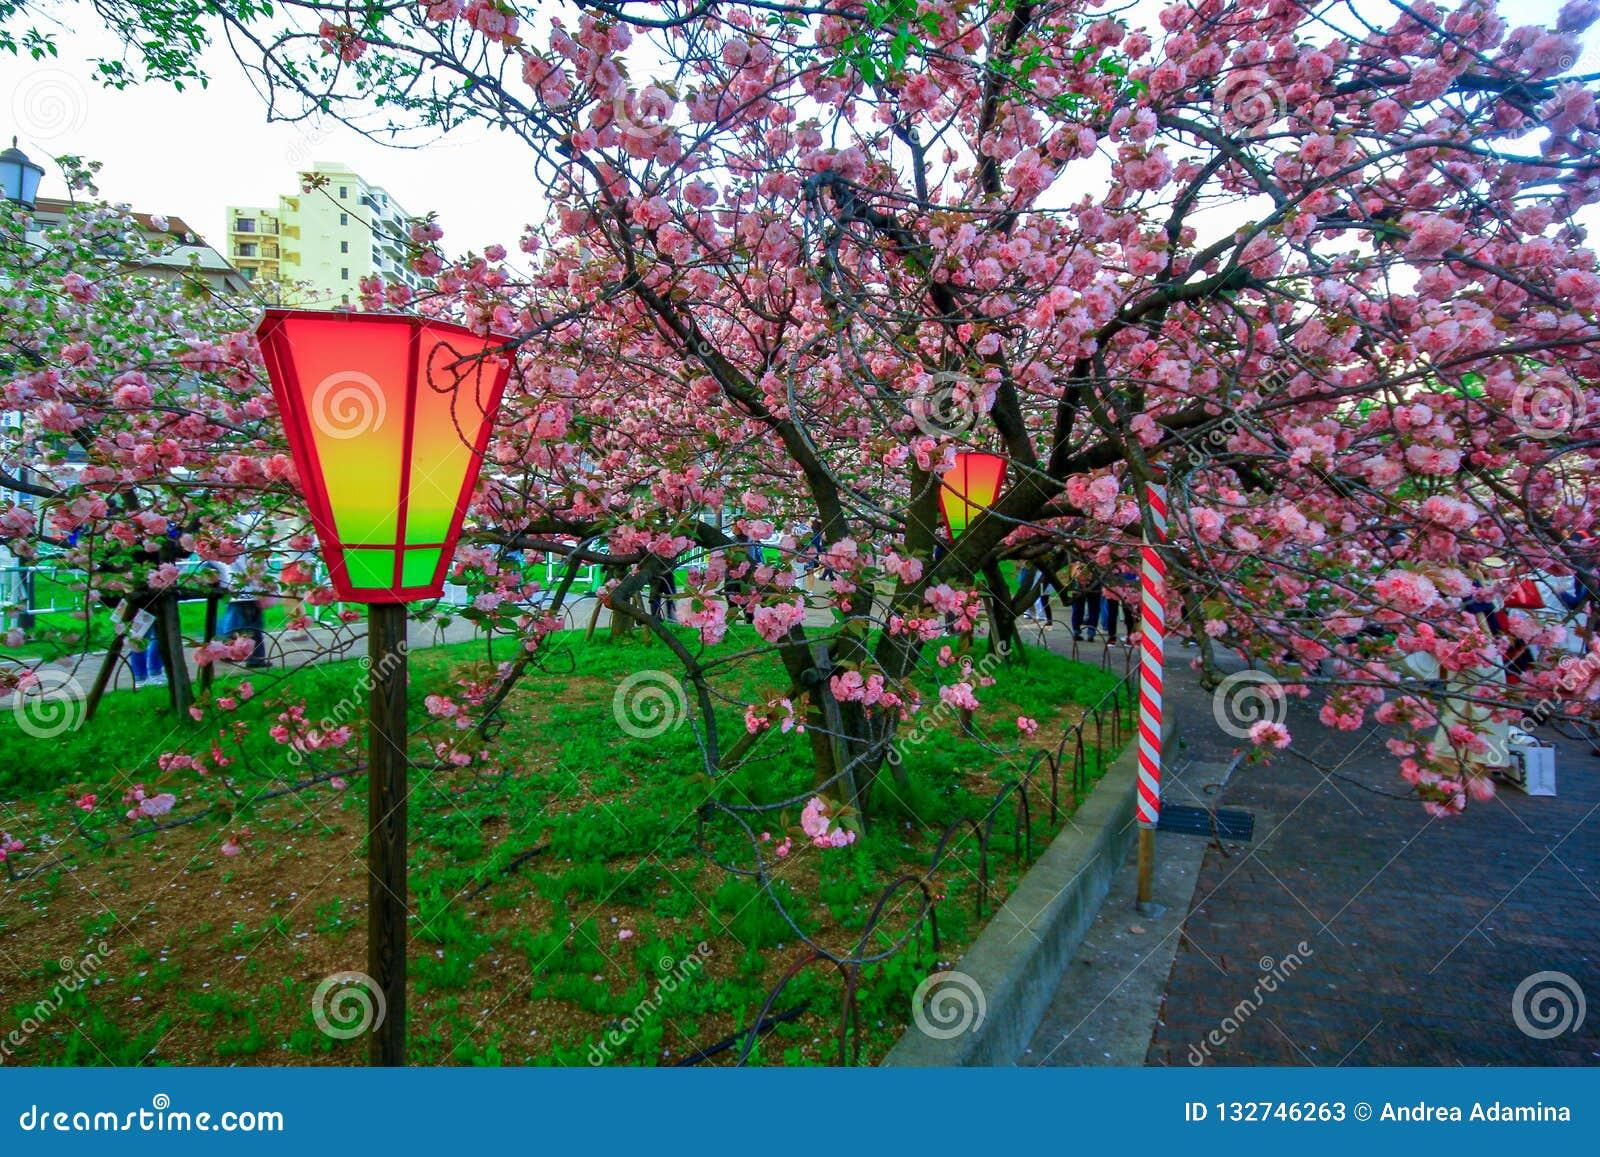 Osaka, Giappone Bei luce e colori delle lanterne giapponesi e dei fiori di ciliegia